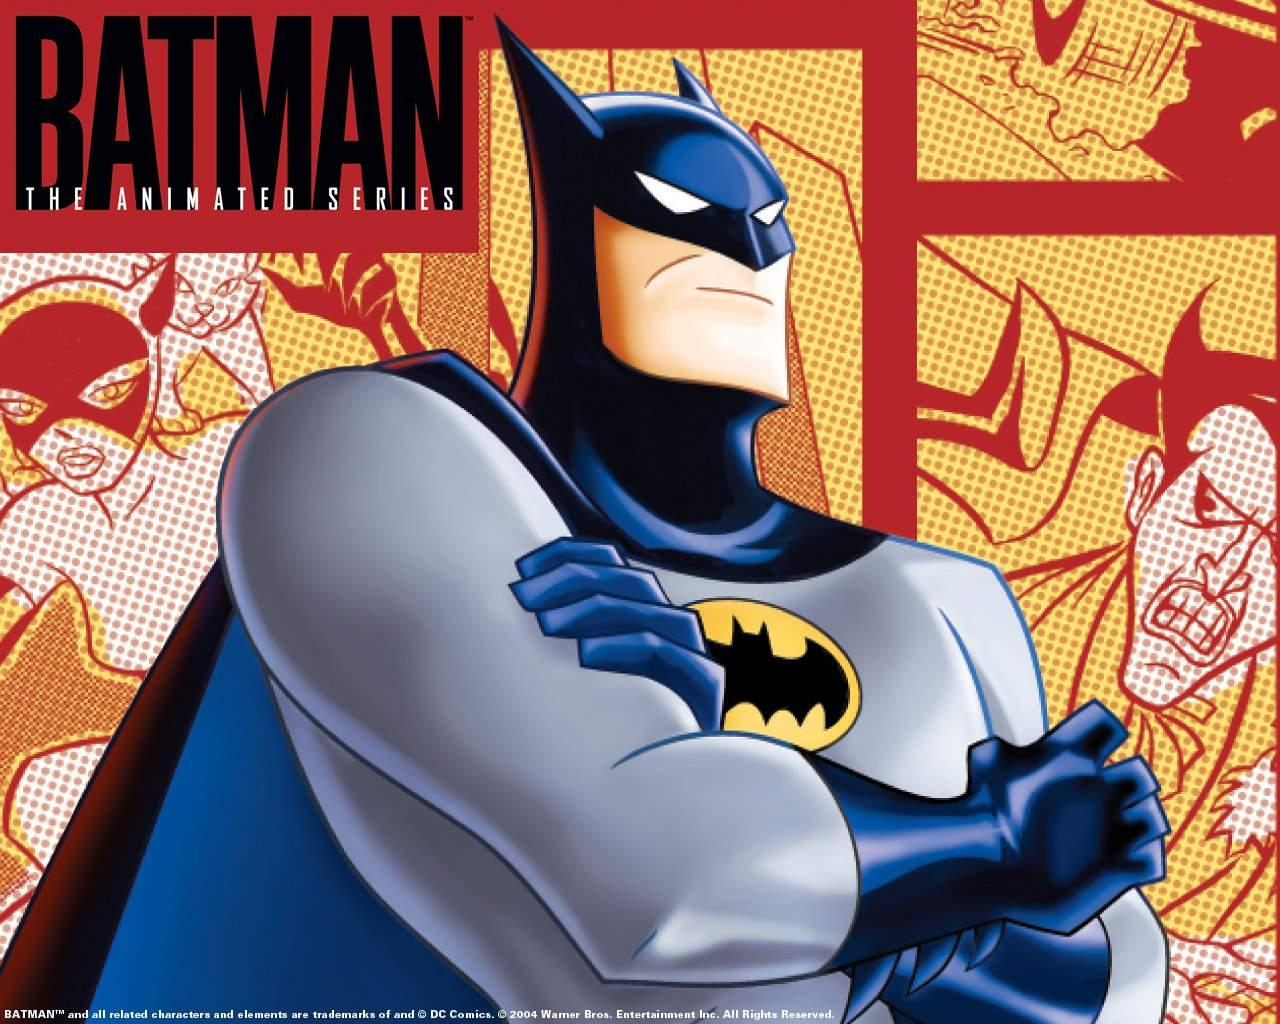 Serie Animada Latino Descargar Mega Batman The Animated Series